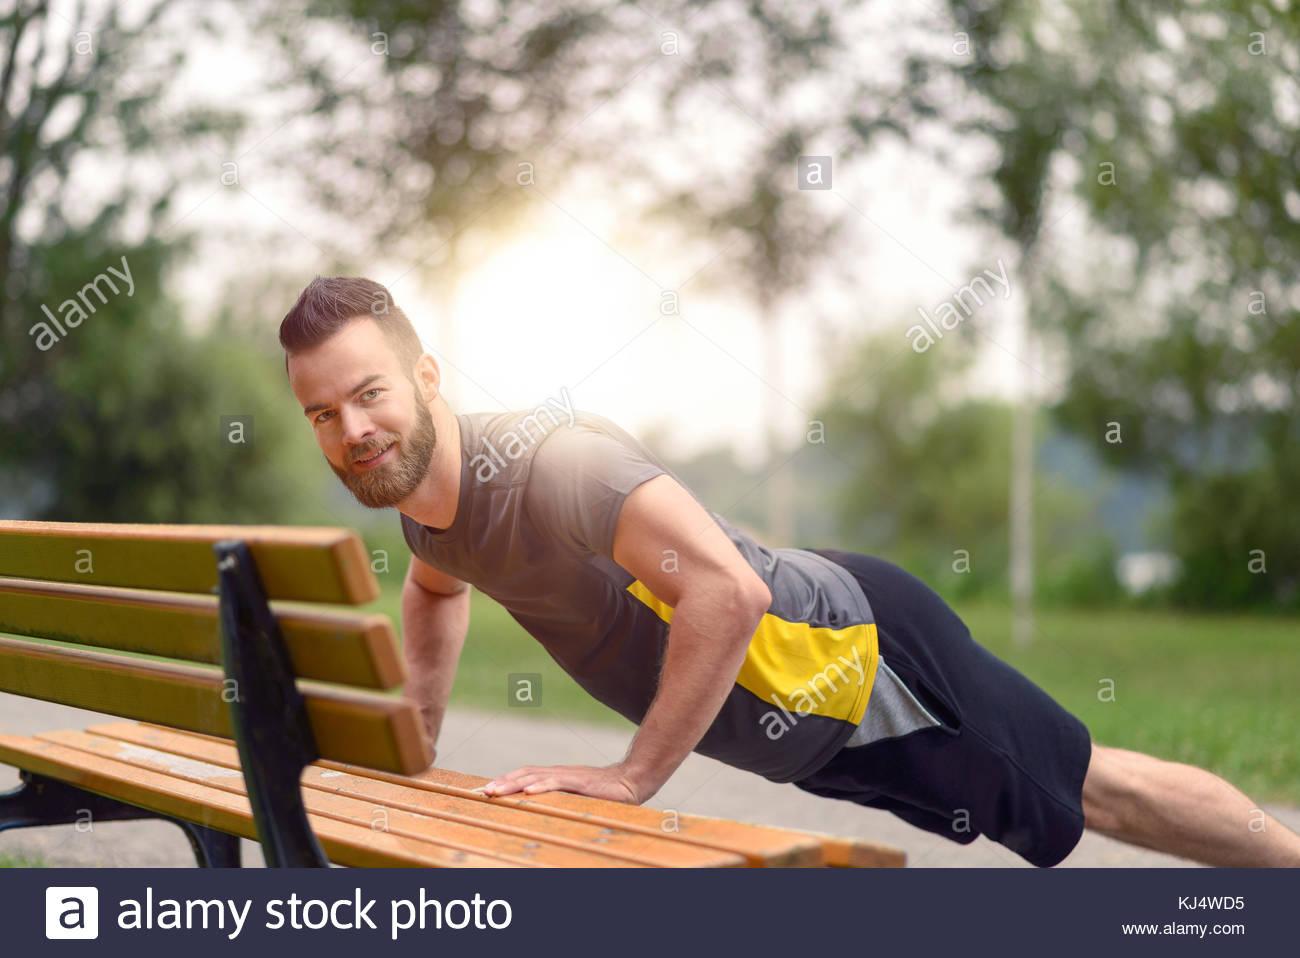 Jeune homme faisant push-ups dans un parc Photo Stock